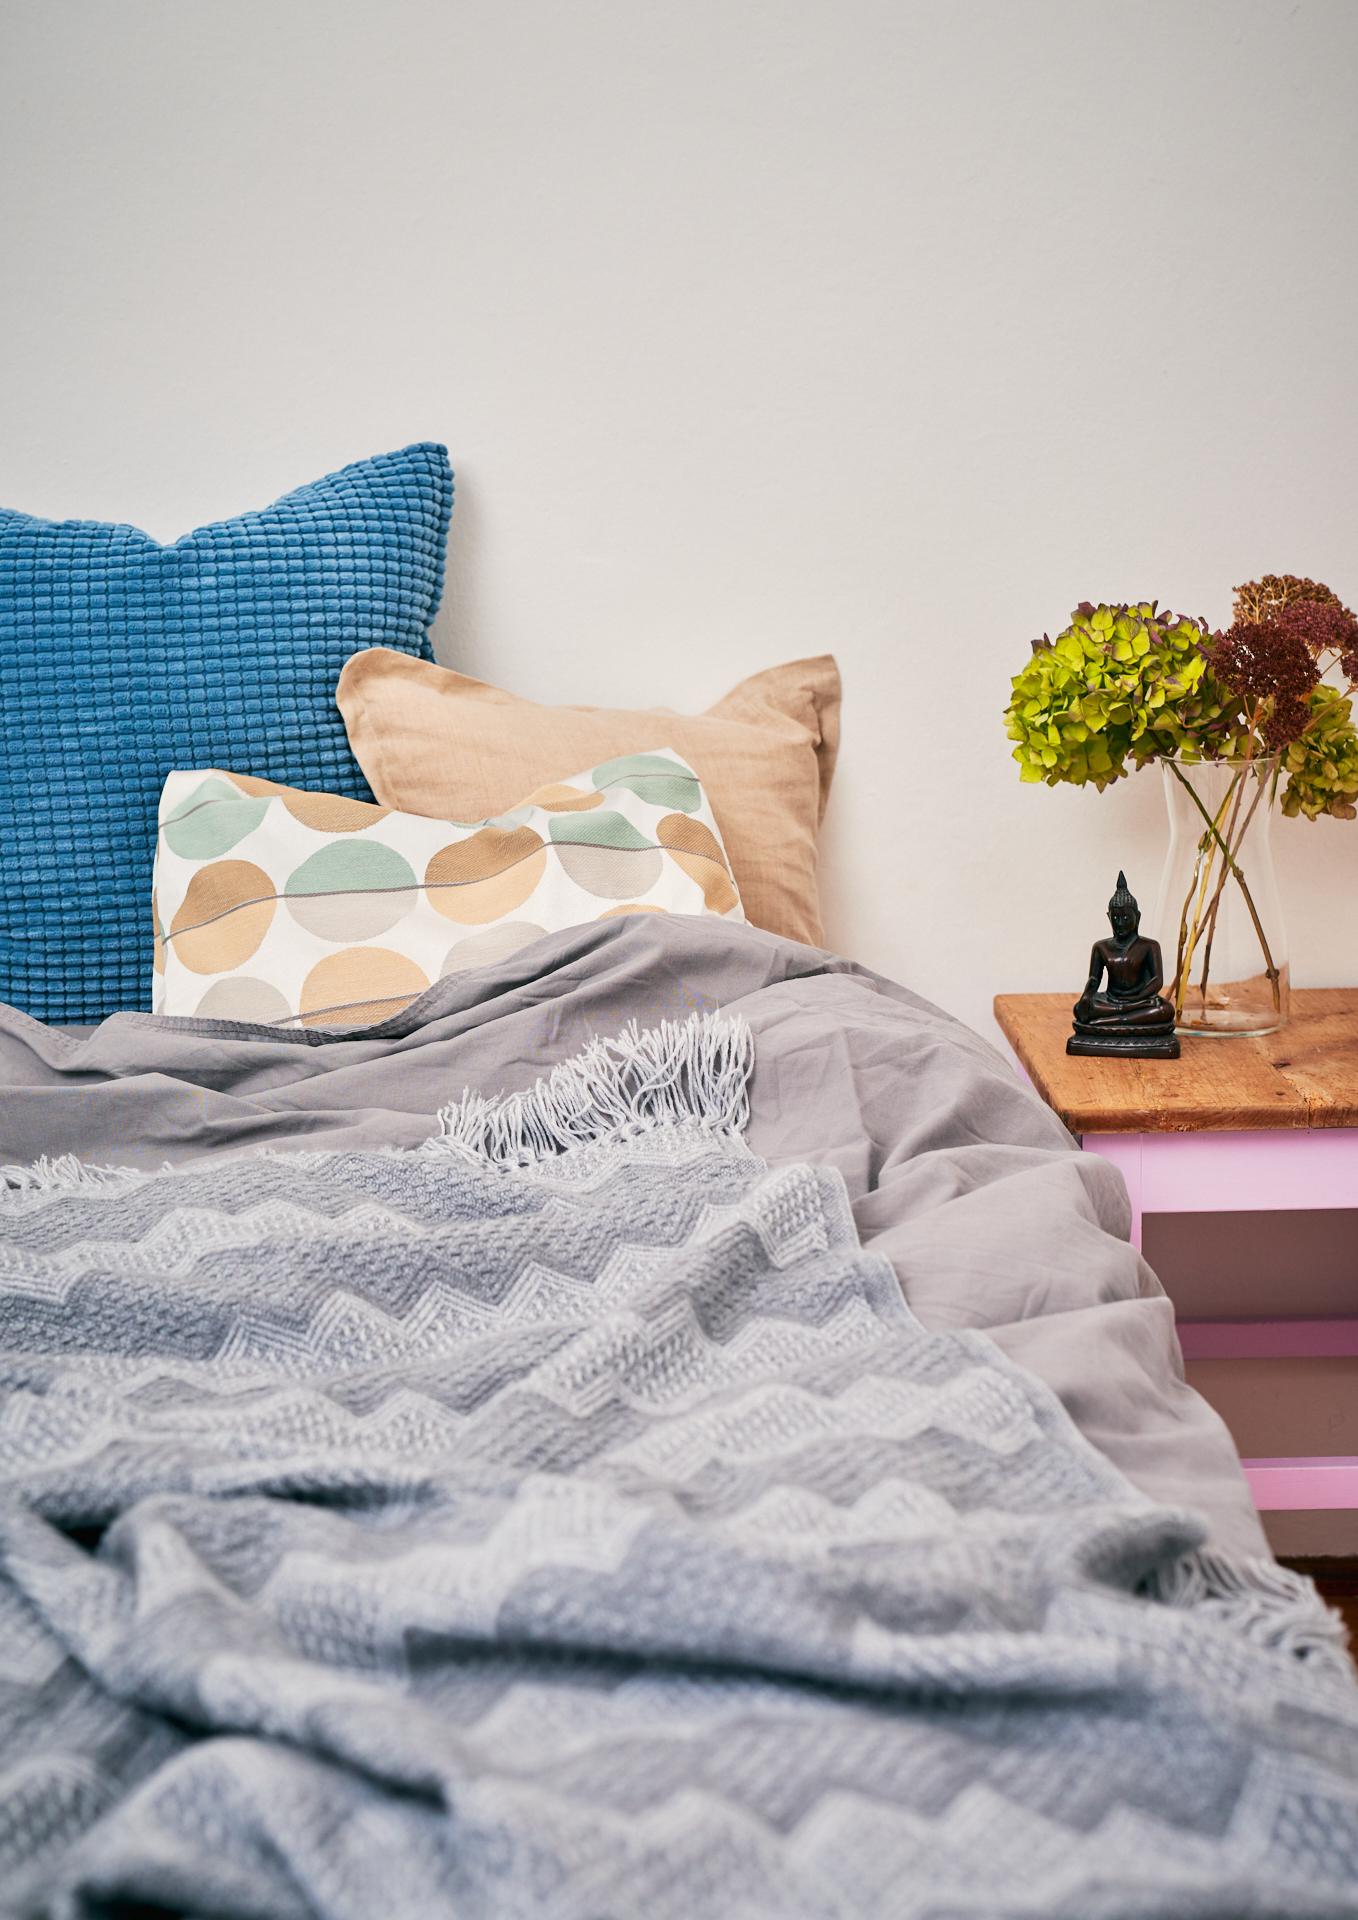 schlaftipps-schlafzimmer-bett-ruhige-farben